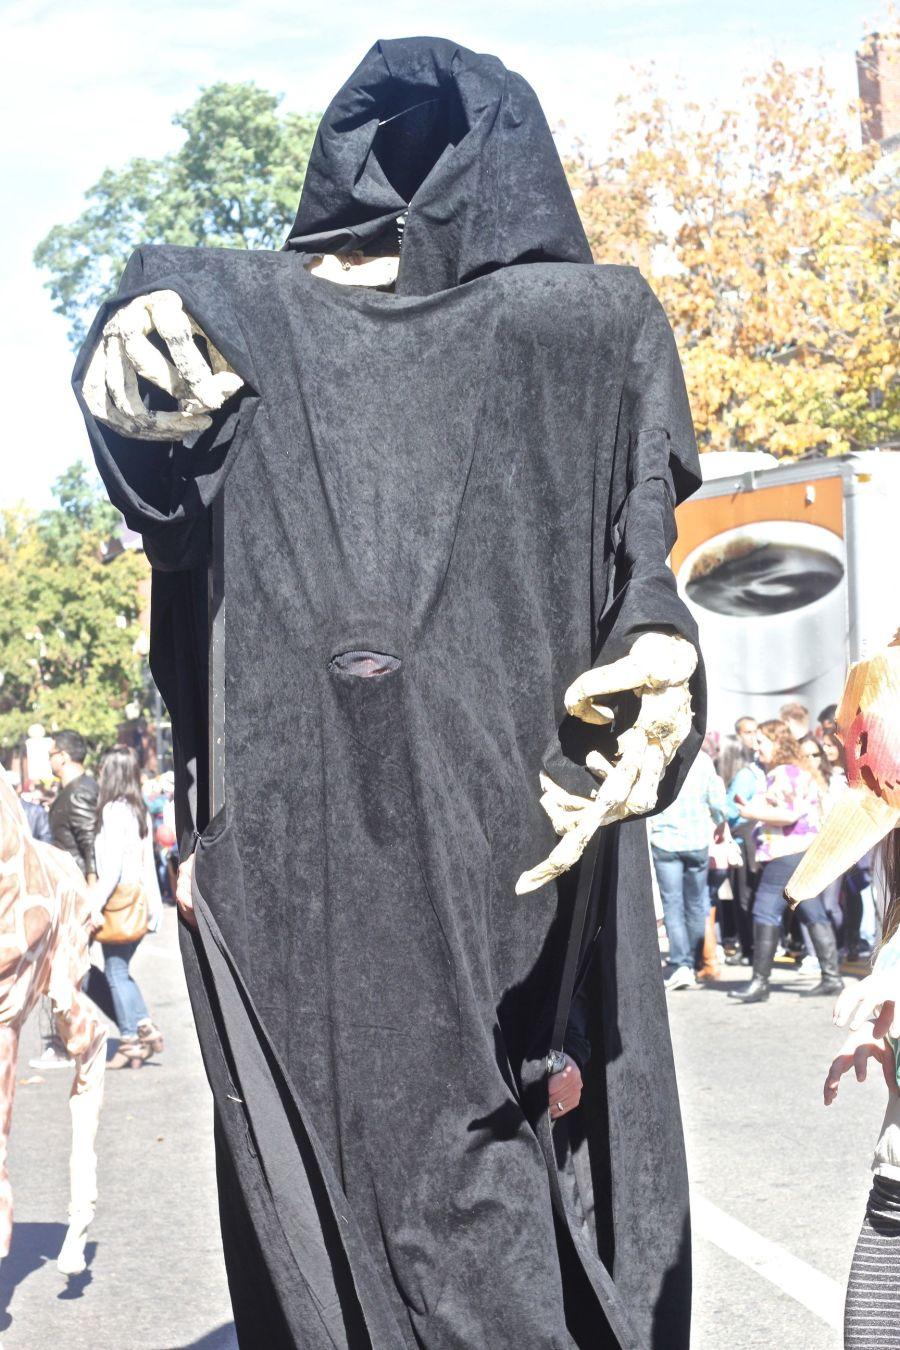 cambridge honkfest october 11 2015 30